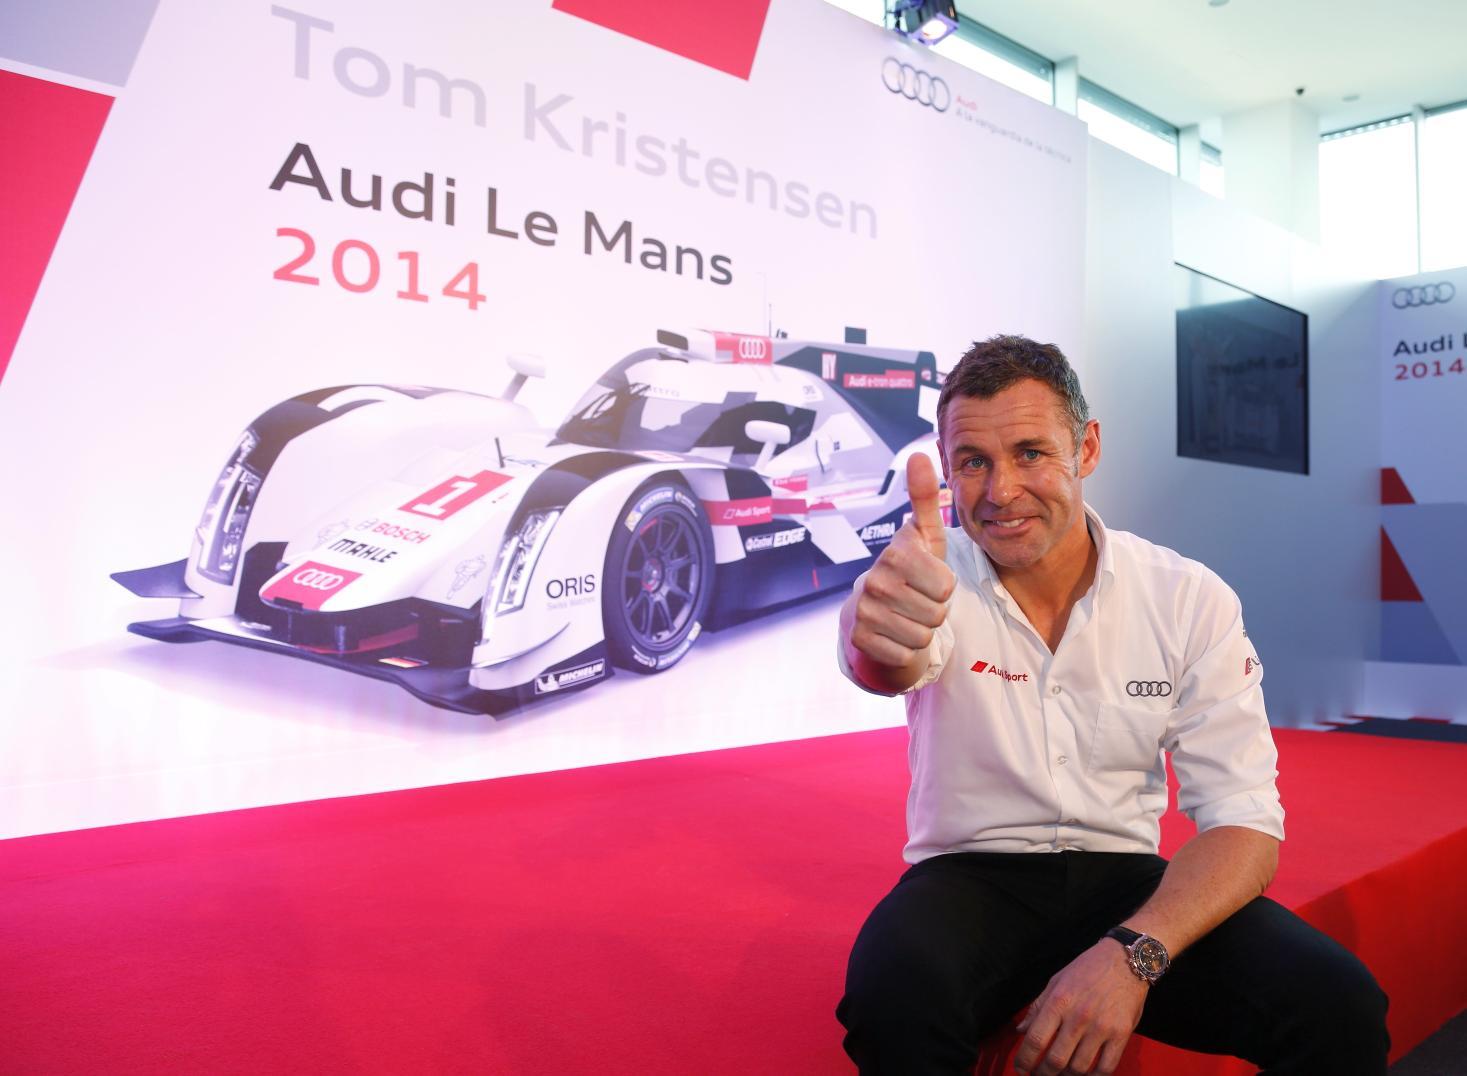 Audi y Tom Kristensen, el binomio mas exitoso en las 24 Horas de Le Mans